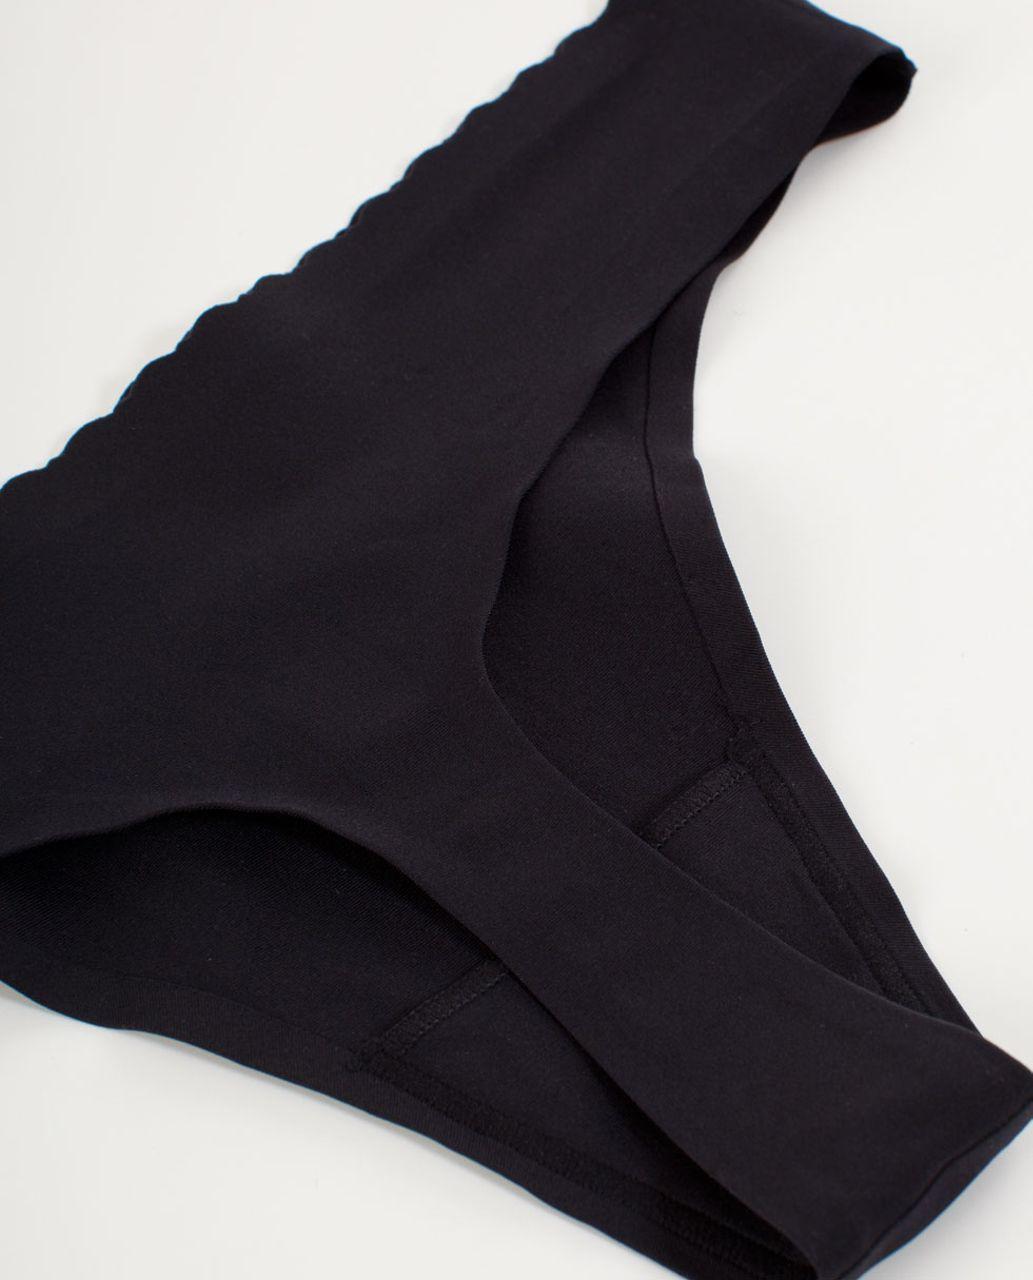 Lululemon Groovy Thong - Black